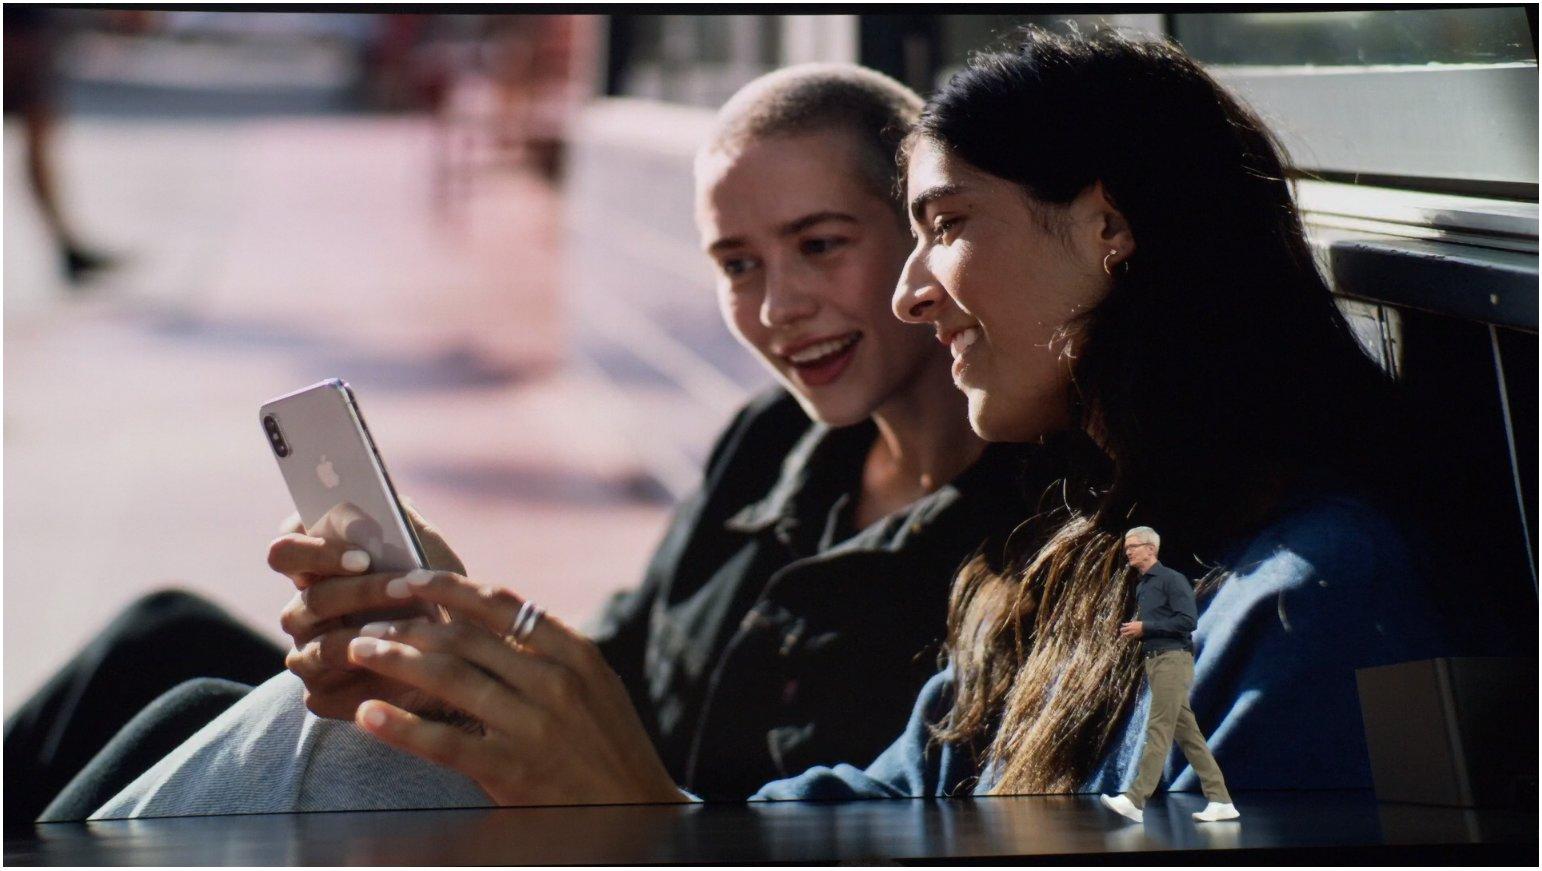 Презентация Apple часть вторая: новые iPhone